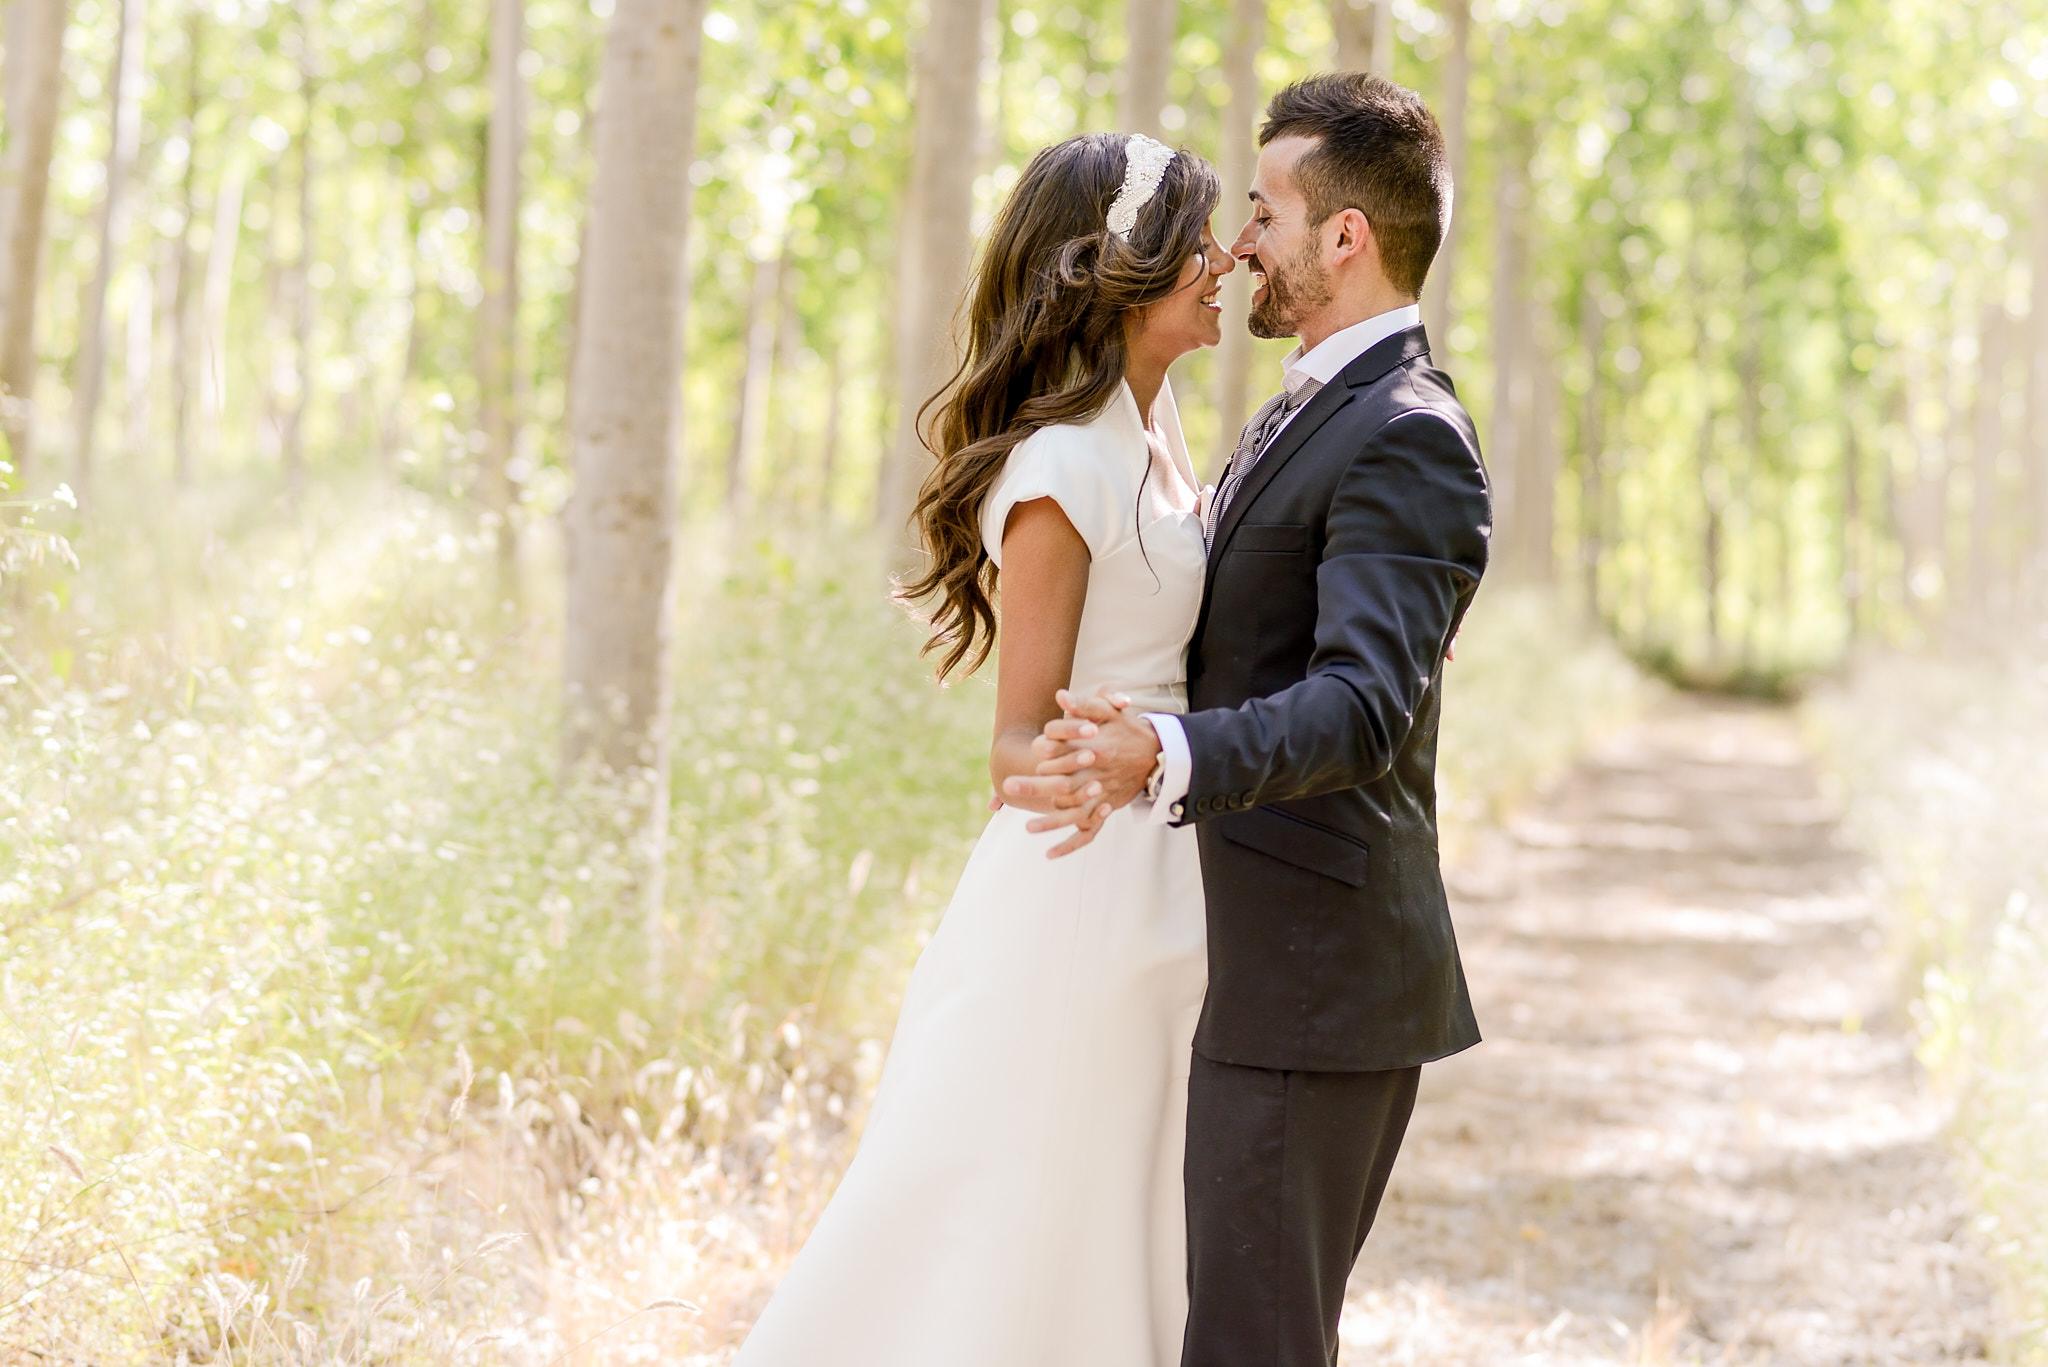 matrimonio rid 0_14